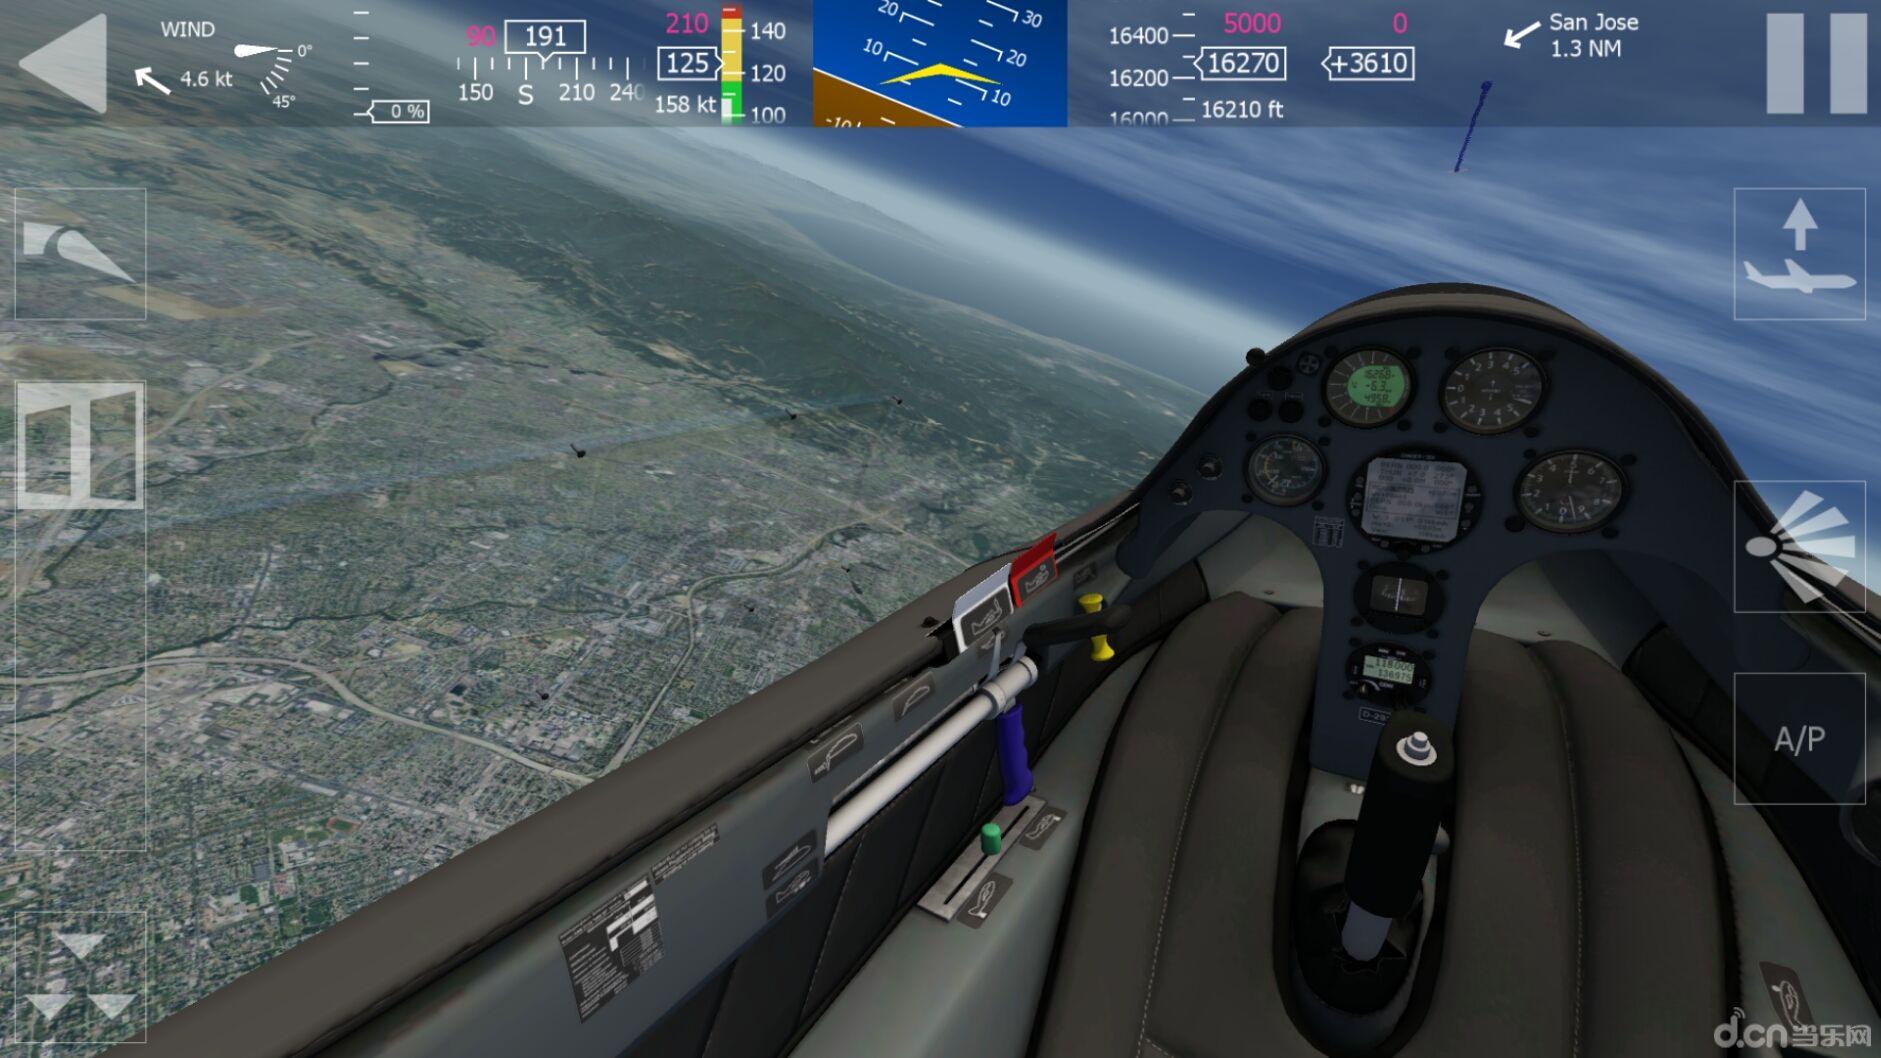 《模拟航空飞行2 Aerofly 2 Flight Simulator》是一款非常逼真的模拟飞行的模拟类游戏,游戏中会有各种各样的飞机出现。而且游戏中的画面也非常的真实,游戏玩家将会在屏幕中看到阳光的反射。游戏的制作人Torsten Hans 和Marc Borchers都是PPL专业飞行员,指导完成这款具有高度拟真和性能表现的飞行游戏,而相比于其他飞行模拟游戏的高度复杂性,aerofly FS2设计使每个人都能很快适应游戏的操作方式,轻松享受飞行模拟的趣味体验。 【测试机型】 - Nexus7二代完美运